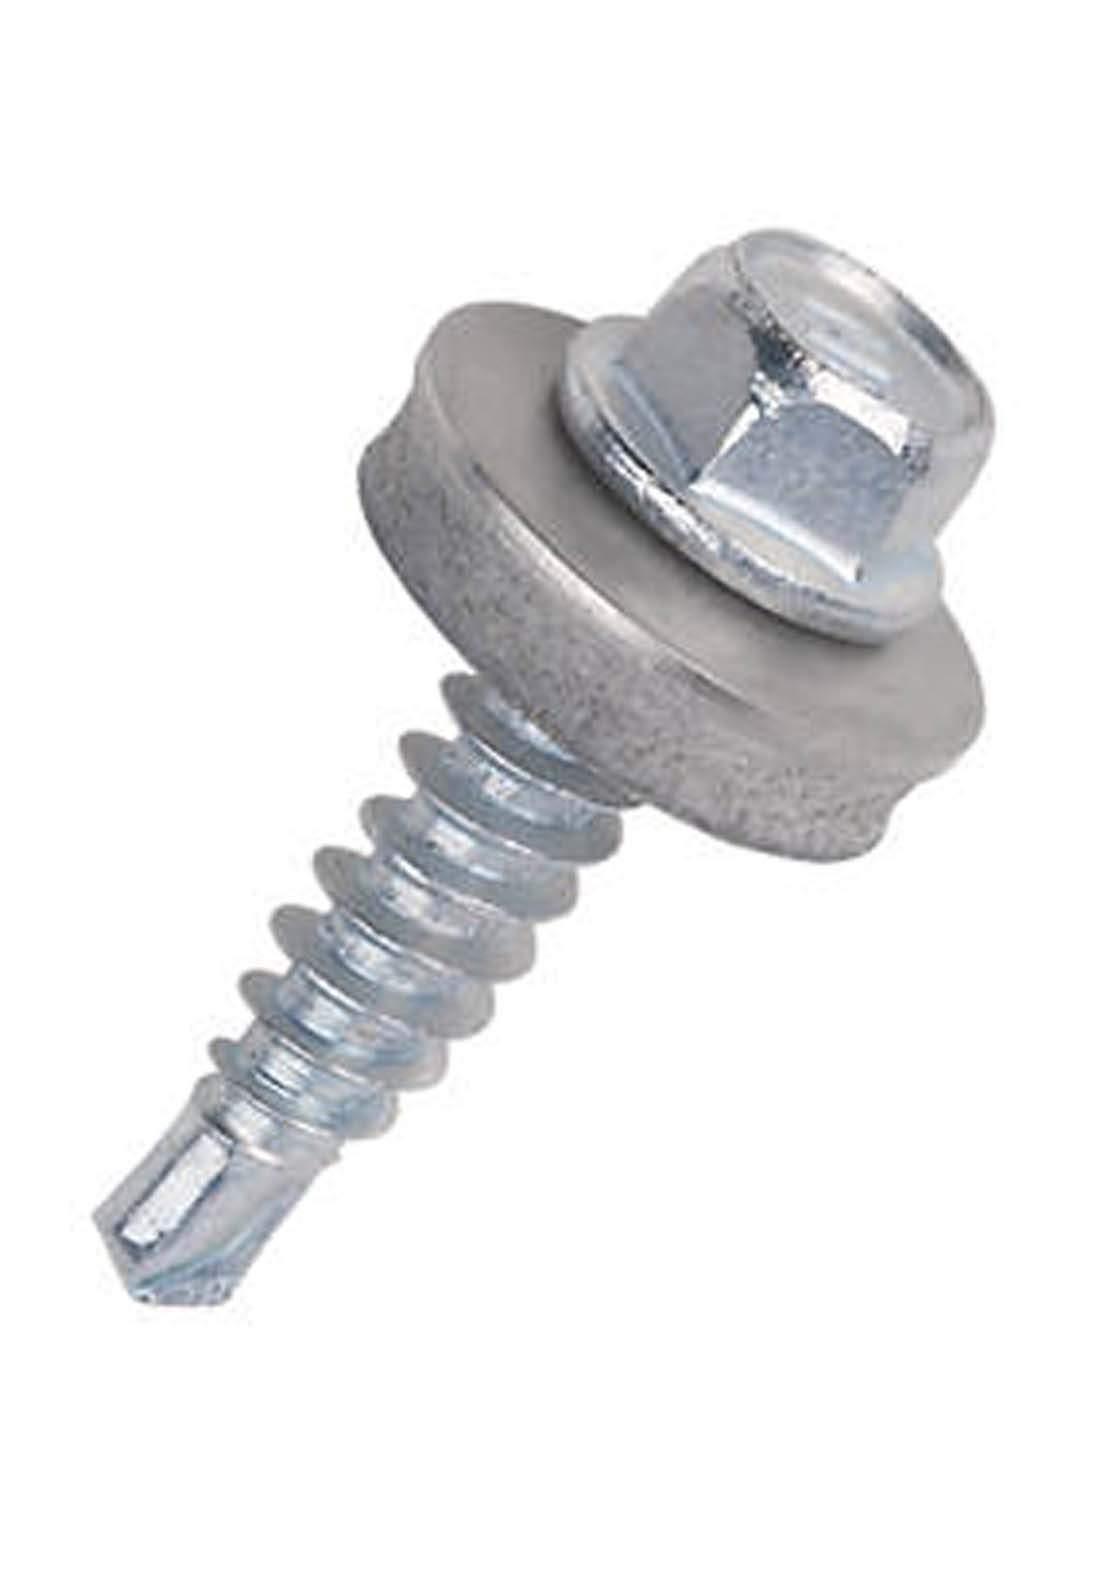 Patta Self Drilling Screw Hex Washer Head 6.3*100 mm  برغي برينة